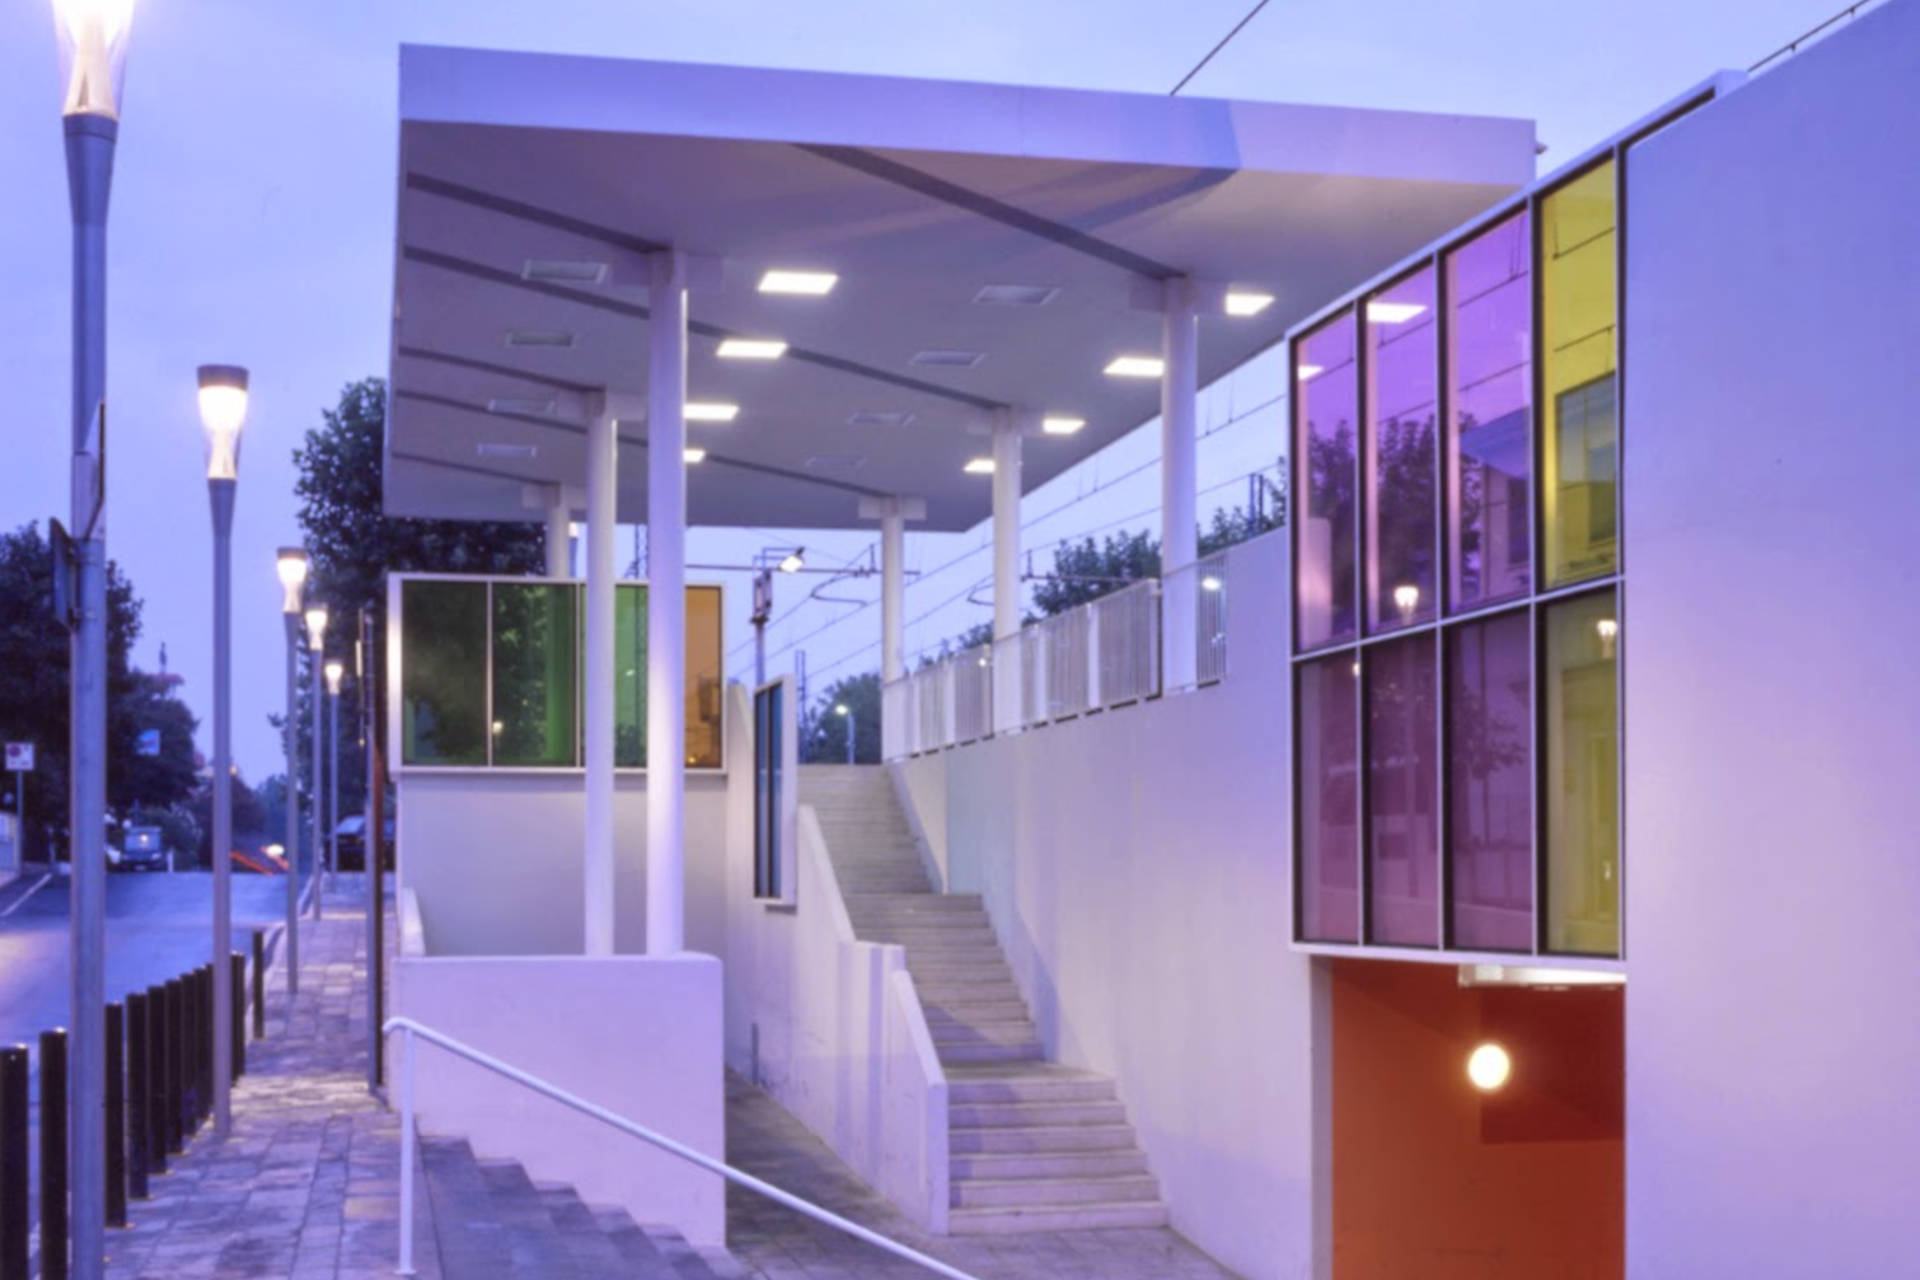 Misano (RN) - In collaborazione con l'Arch. Italo Rota